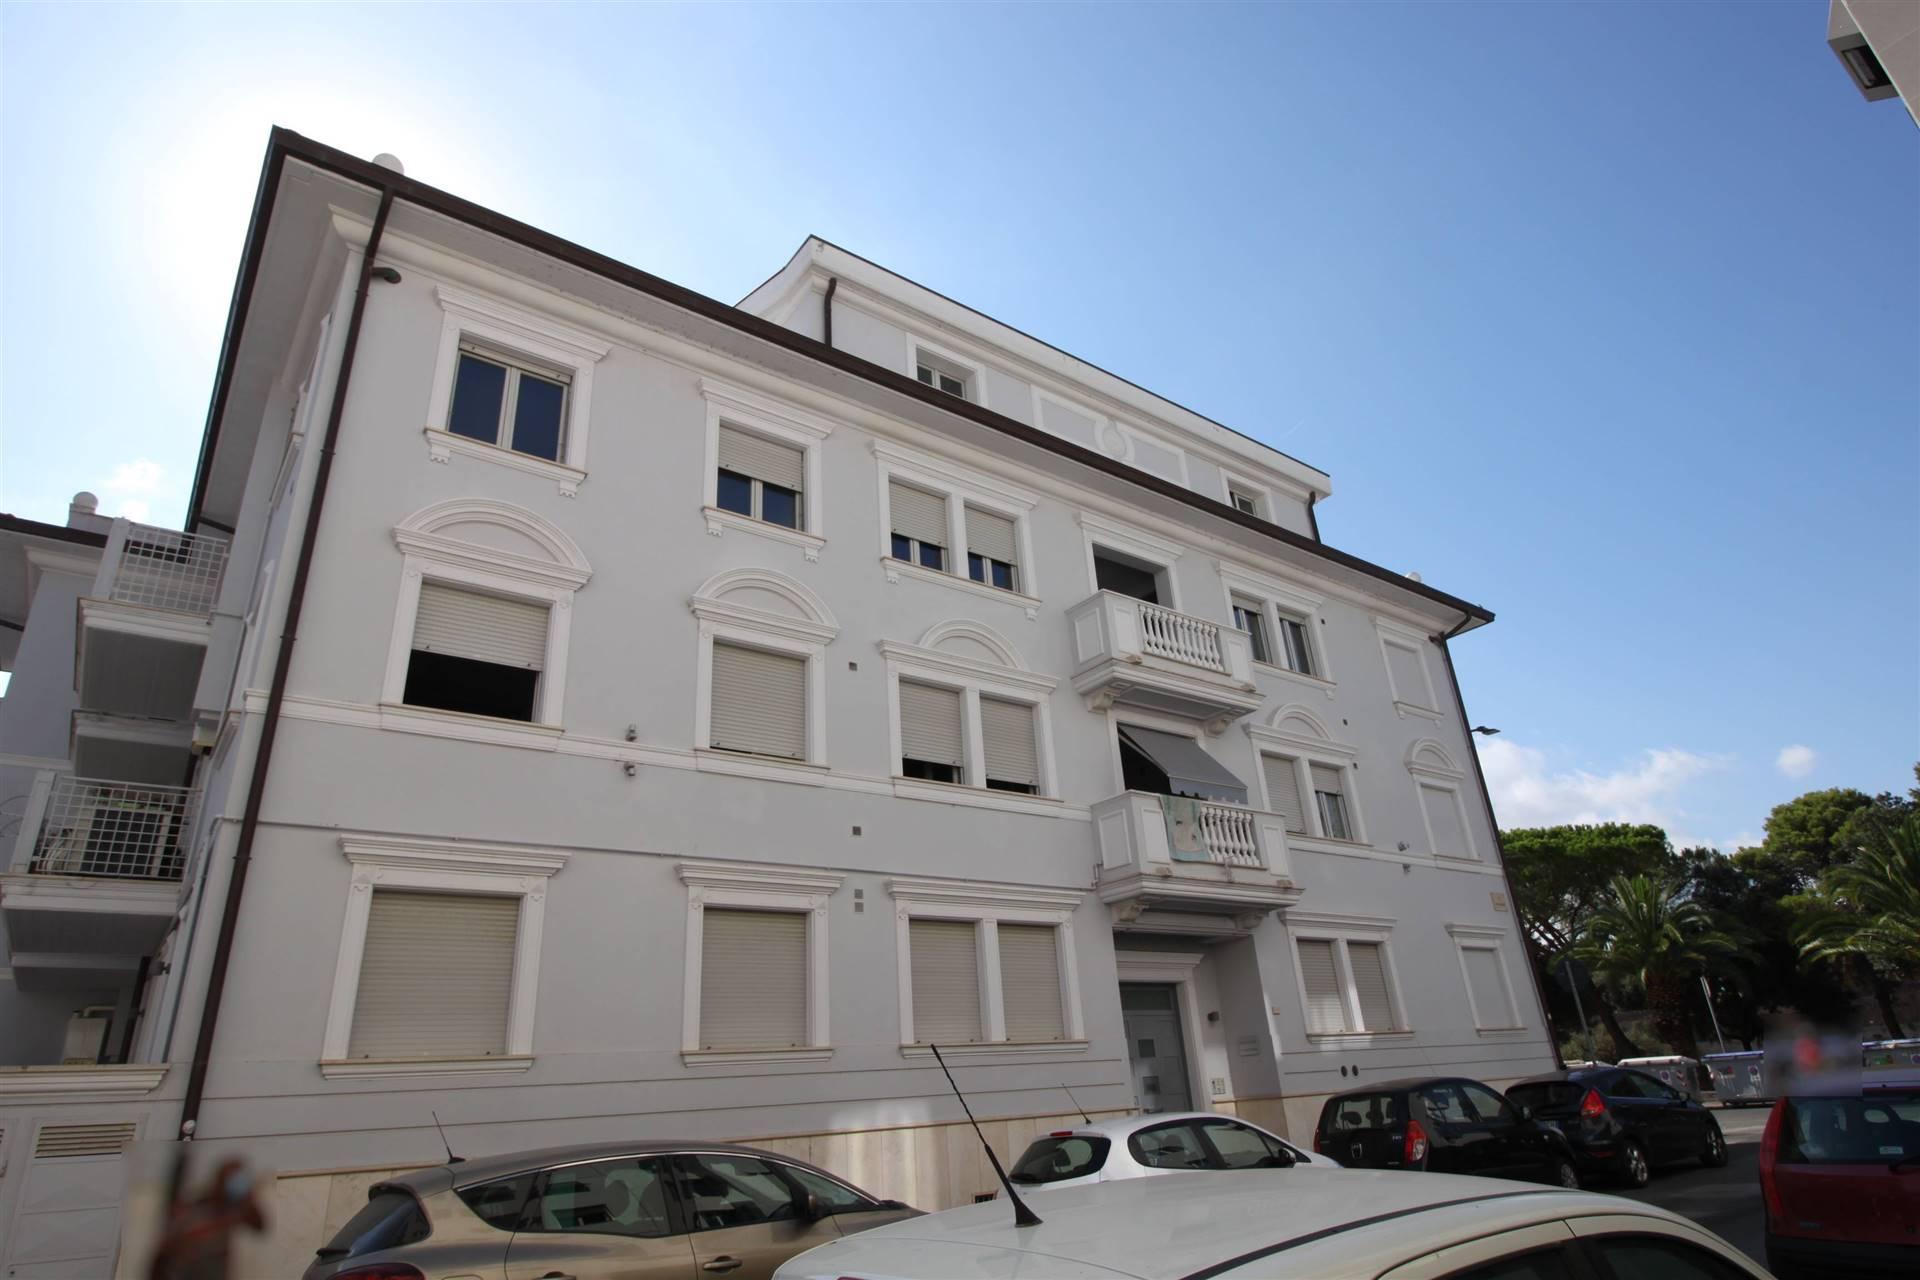 CENTRO CITTÀ, GROSSETO, Wohnung zu verkaufen von 53 Qm, Halbneu, Heizung Unabhaengig, Energie-klasse: B, Epi: 38,69 kwh/m2 jahr, am boden 1° auf 3,